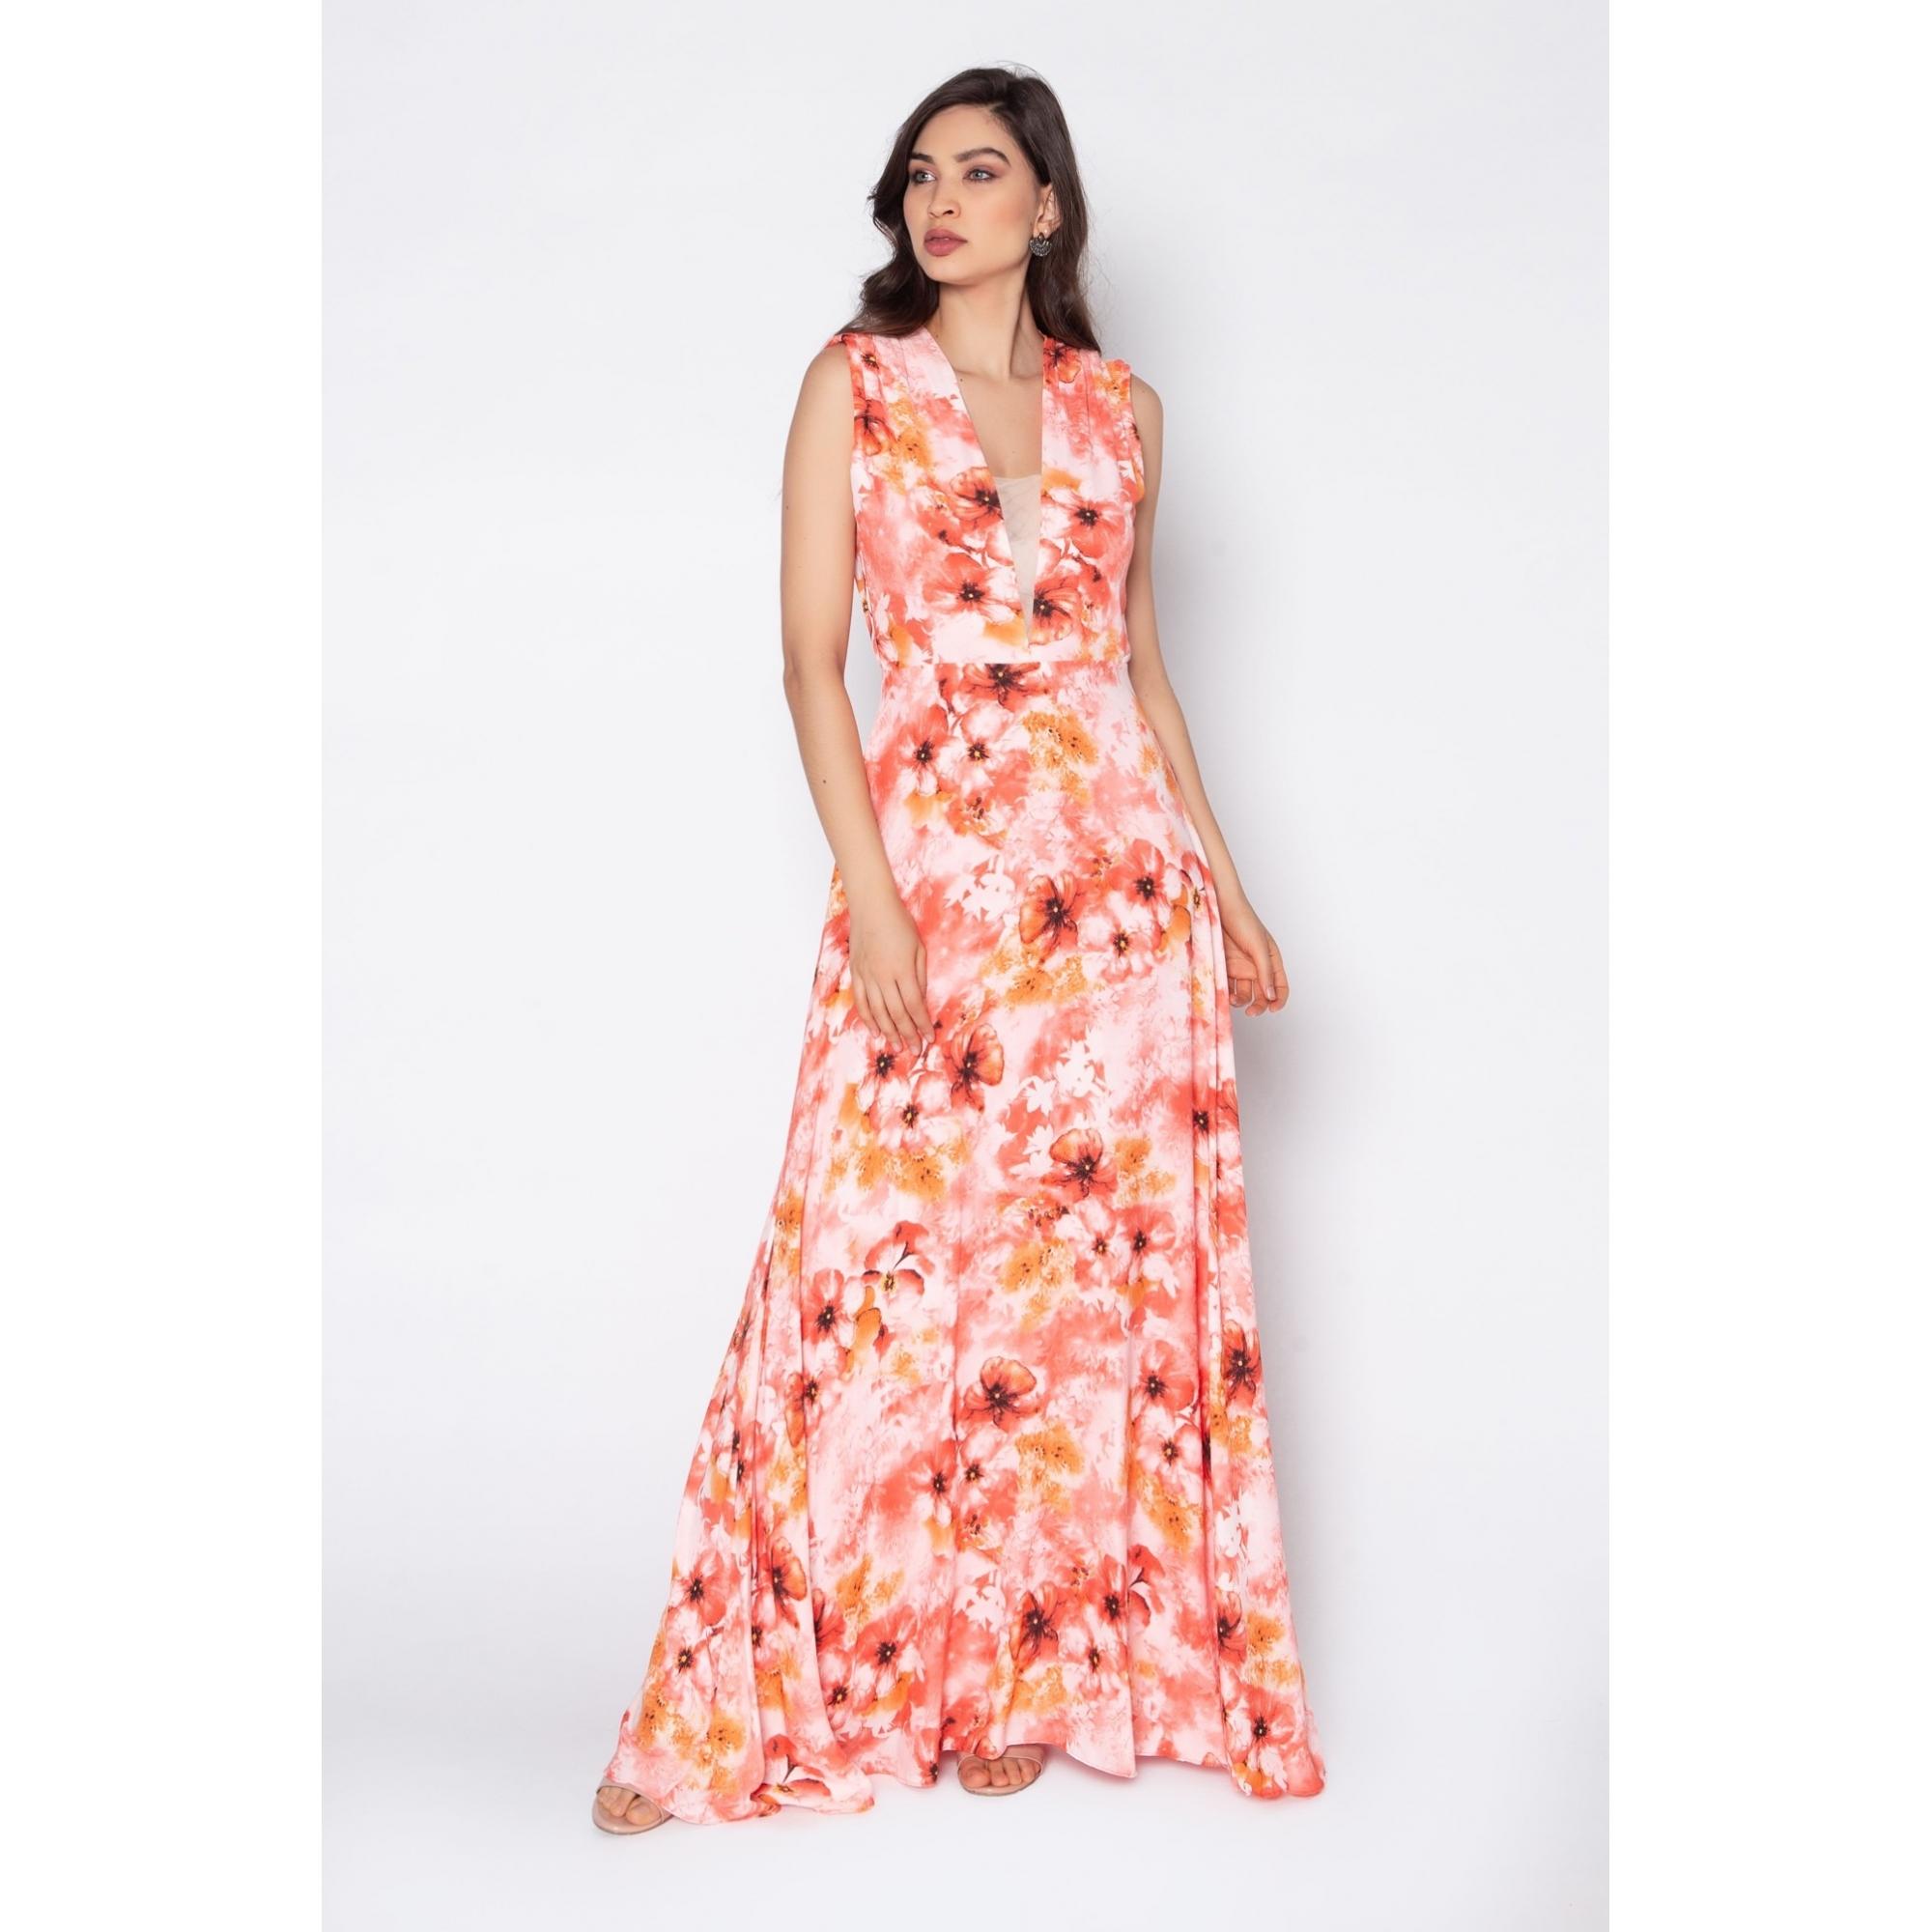 Vestido de festa estampado coral ref.P616